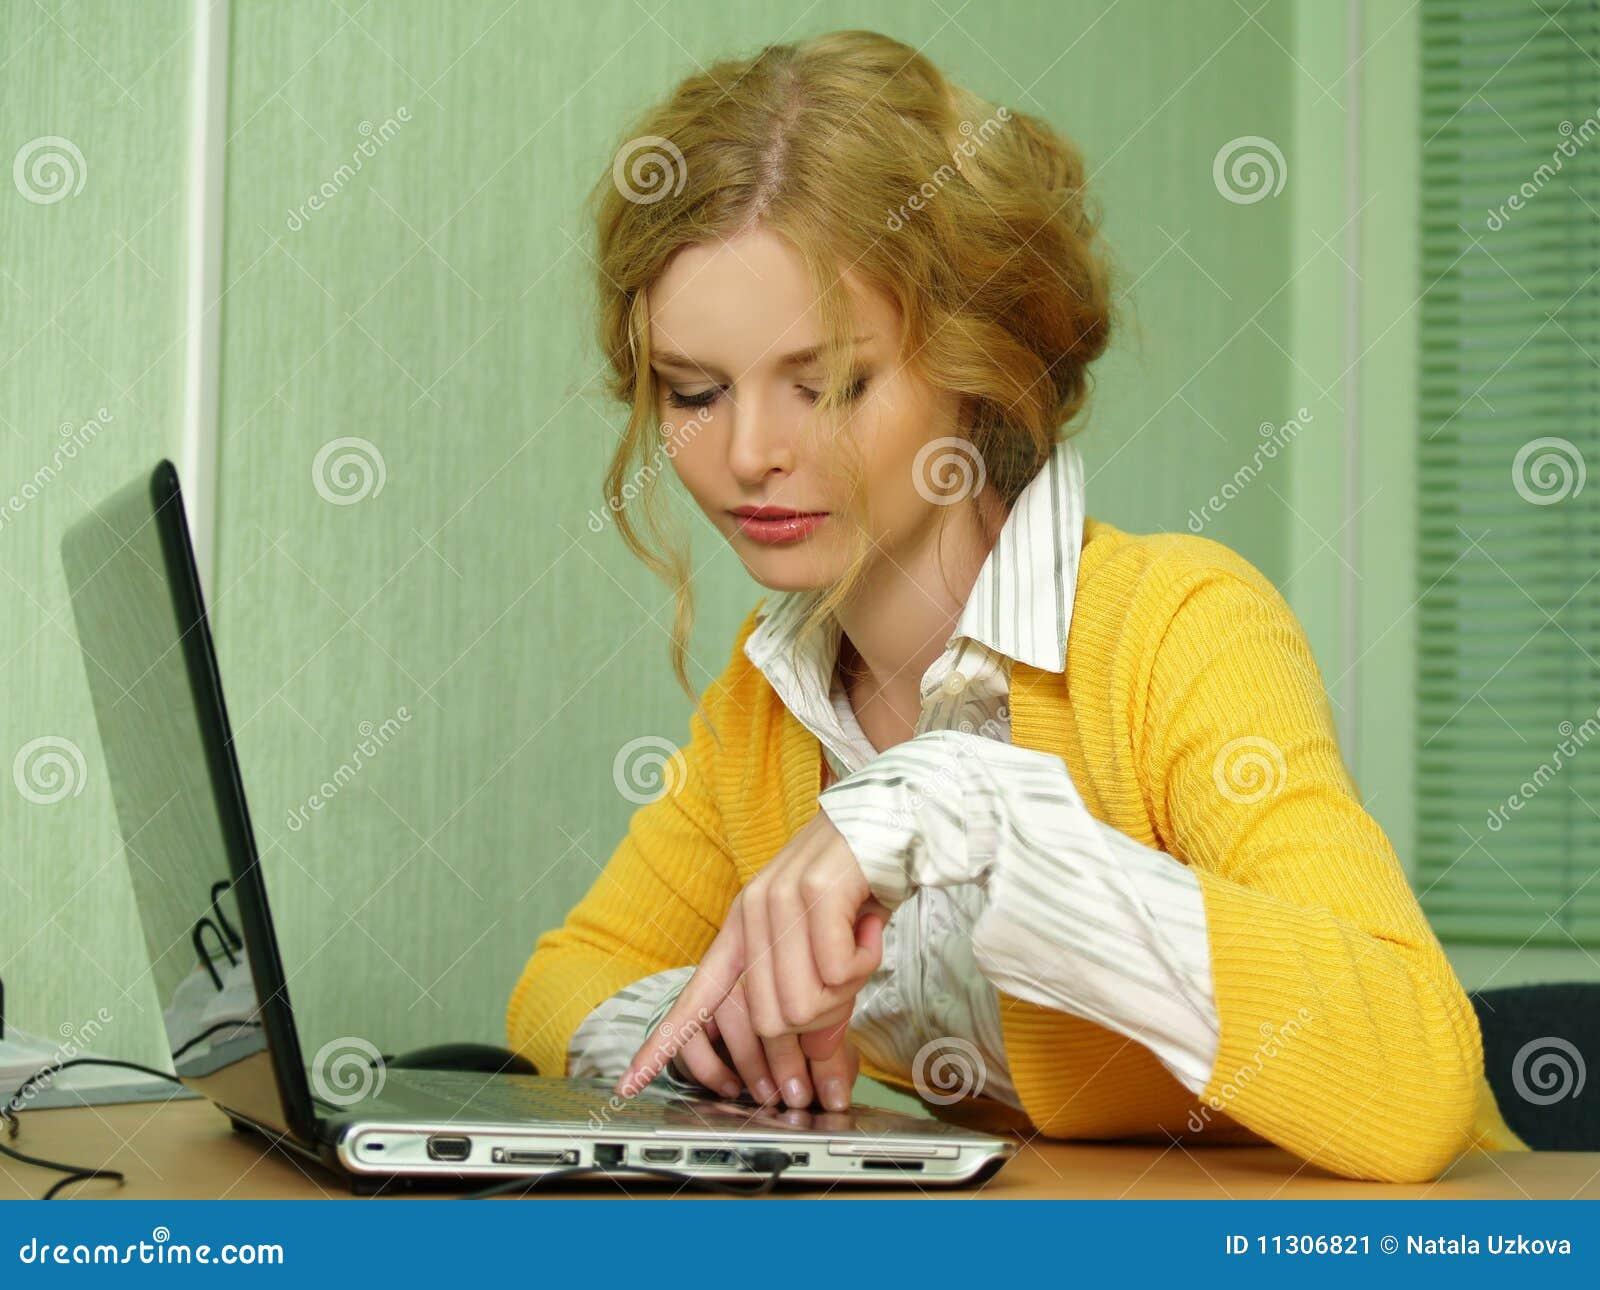 Portrait des blonden Geschäftsmädchens